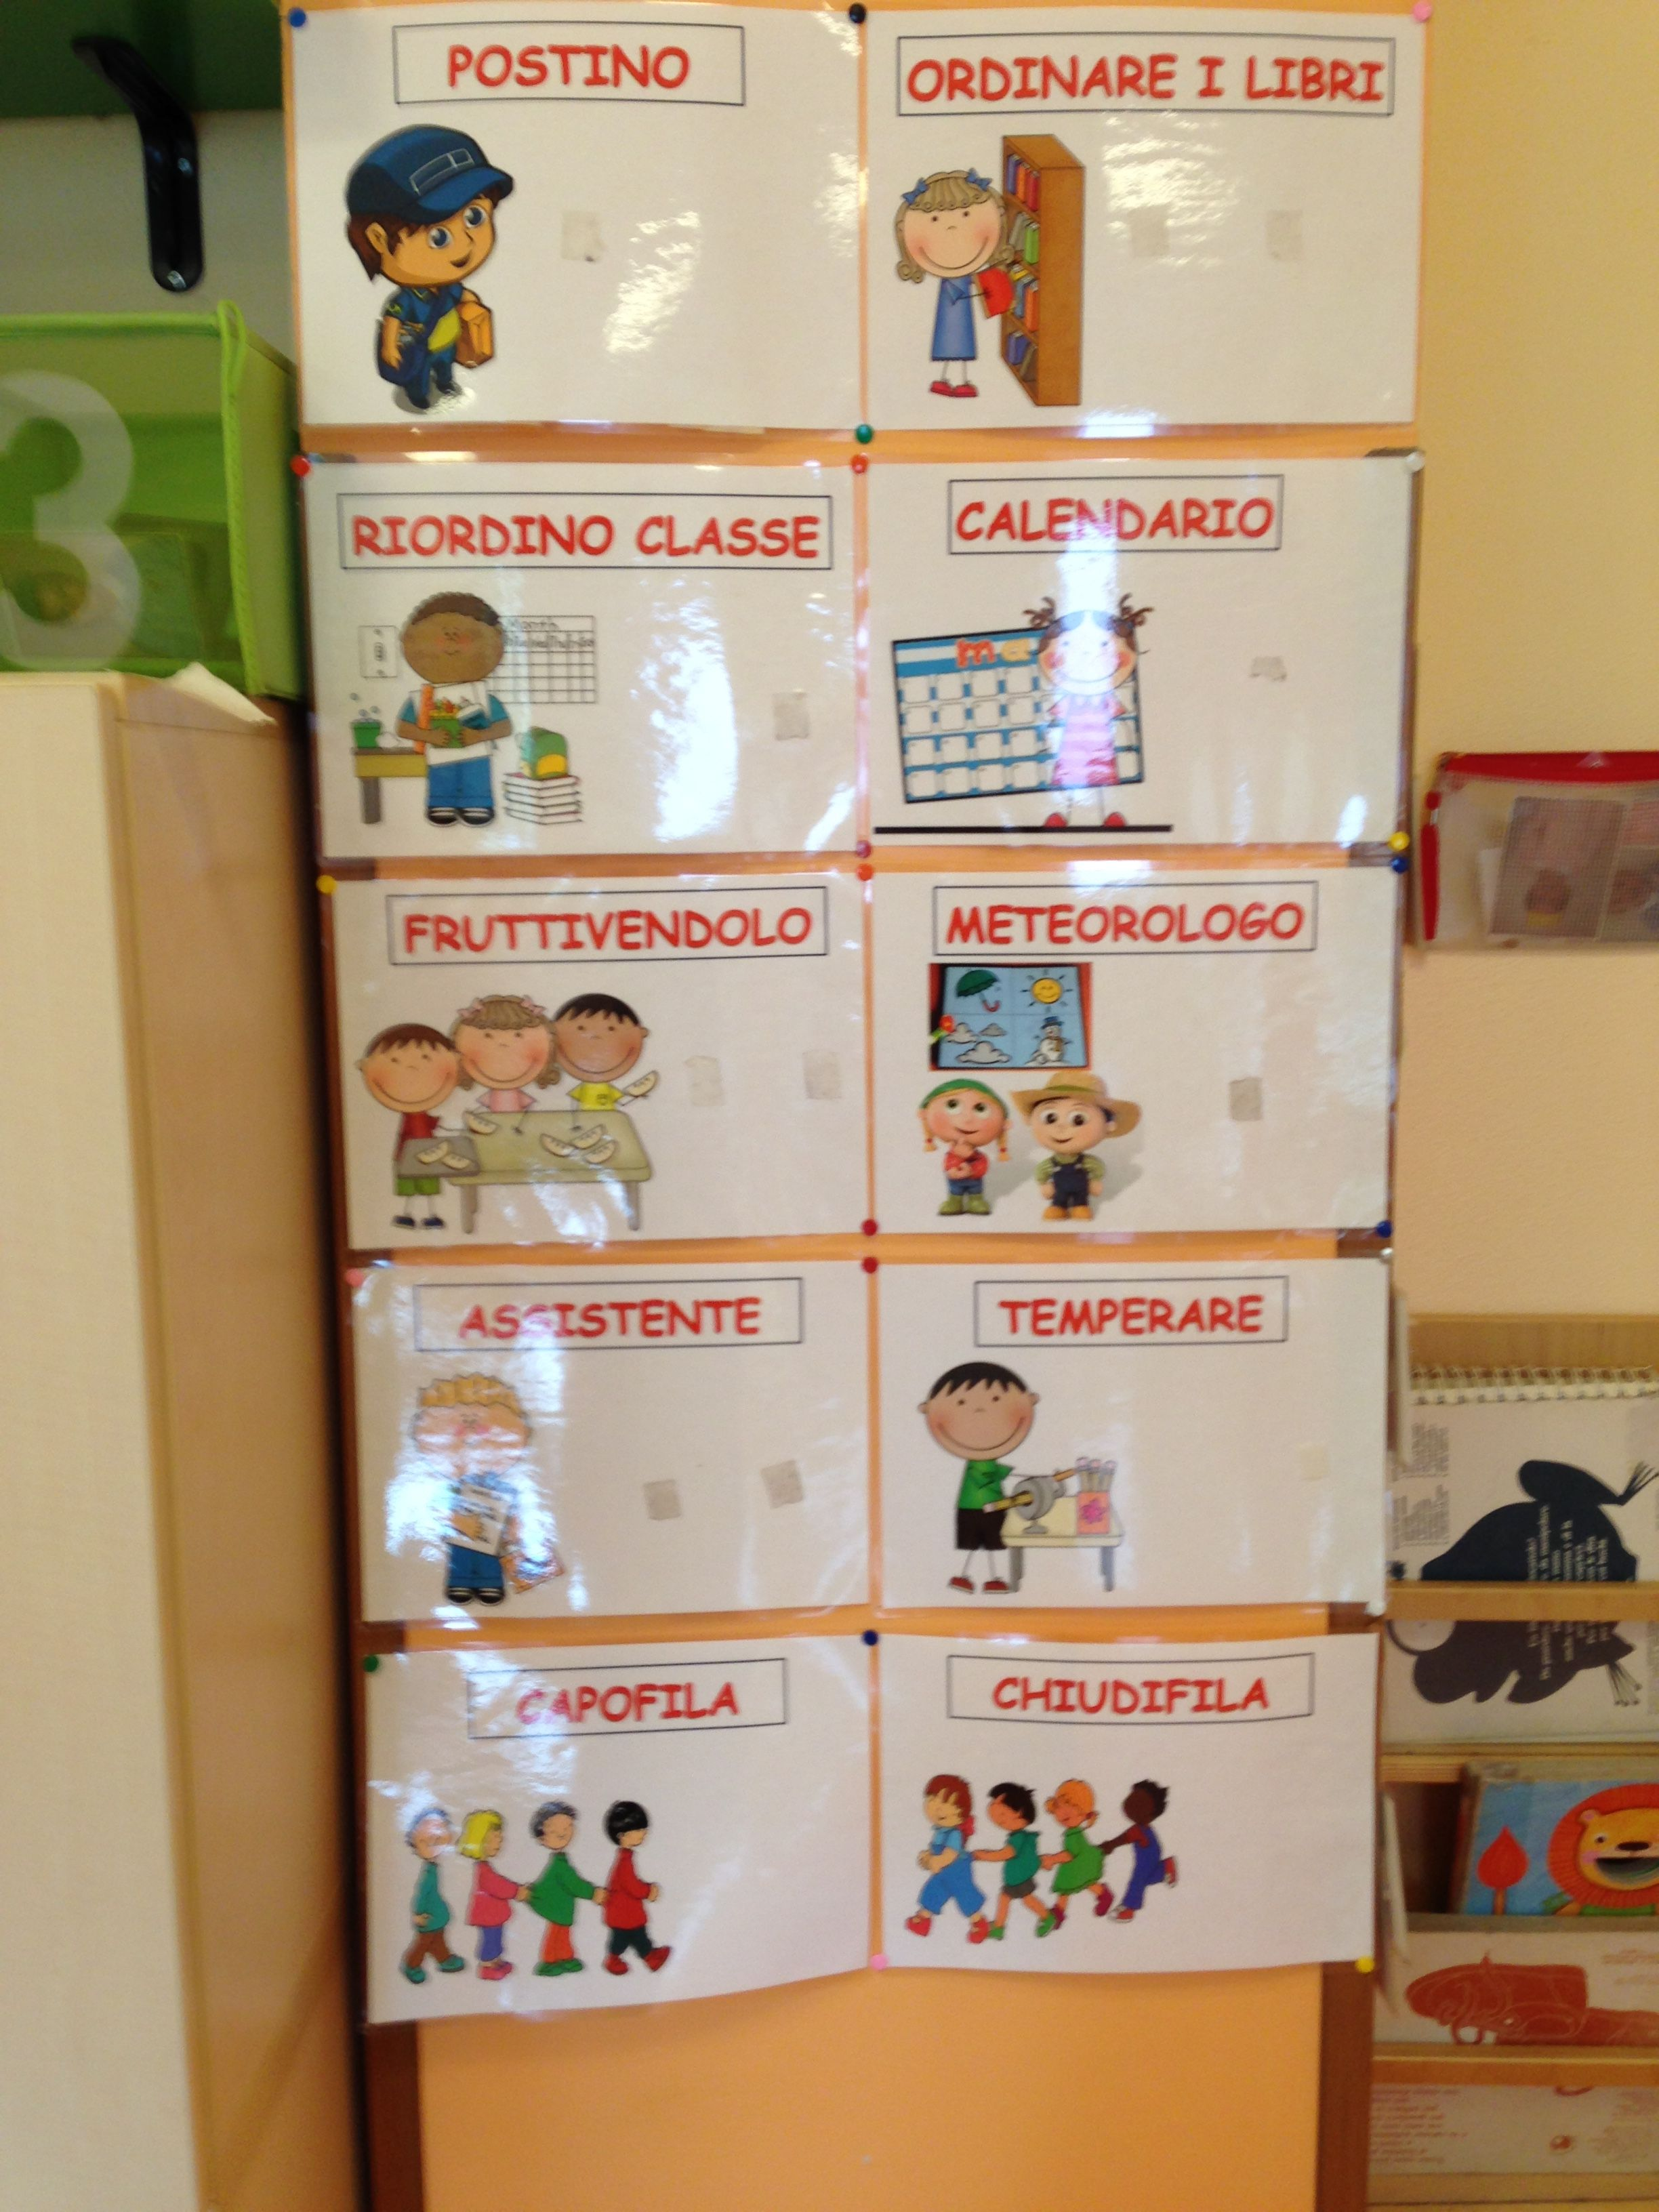 Cartellone Incarichi Scuola Calendari Scuola Bacheche Scuola